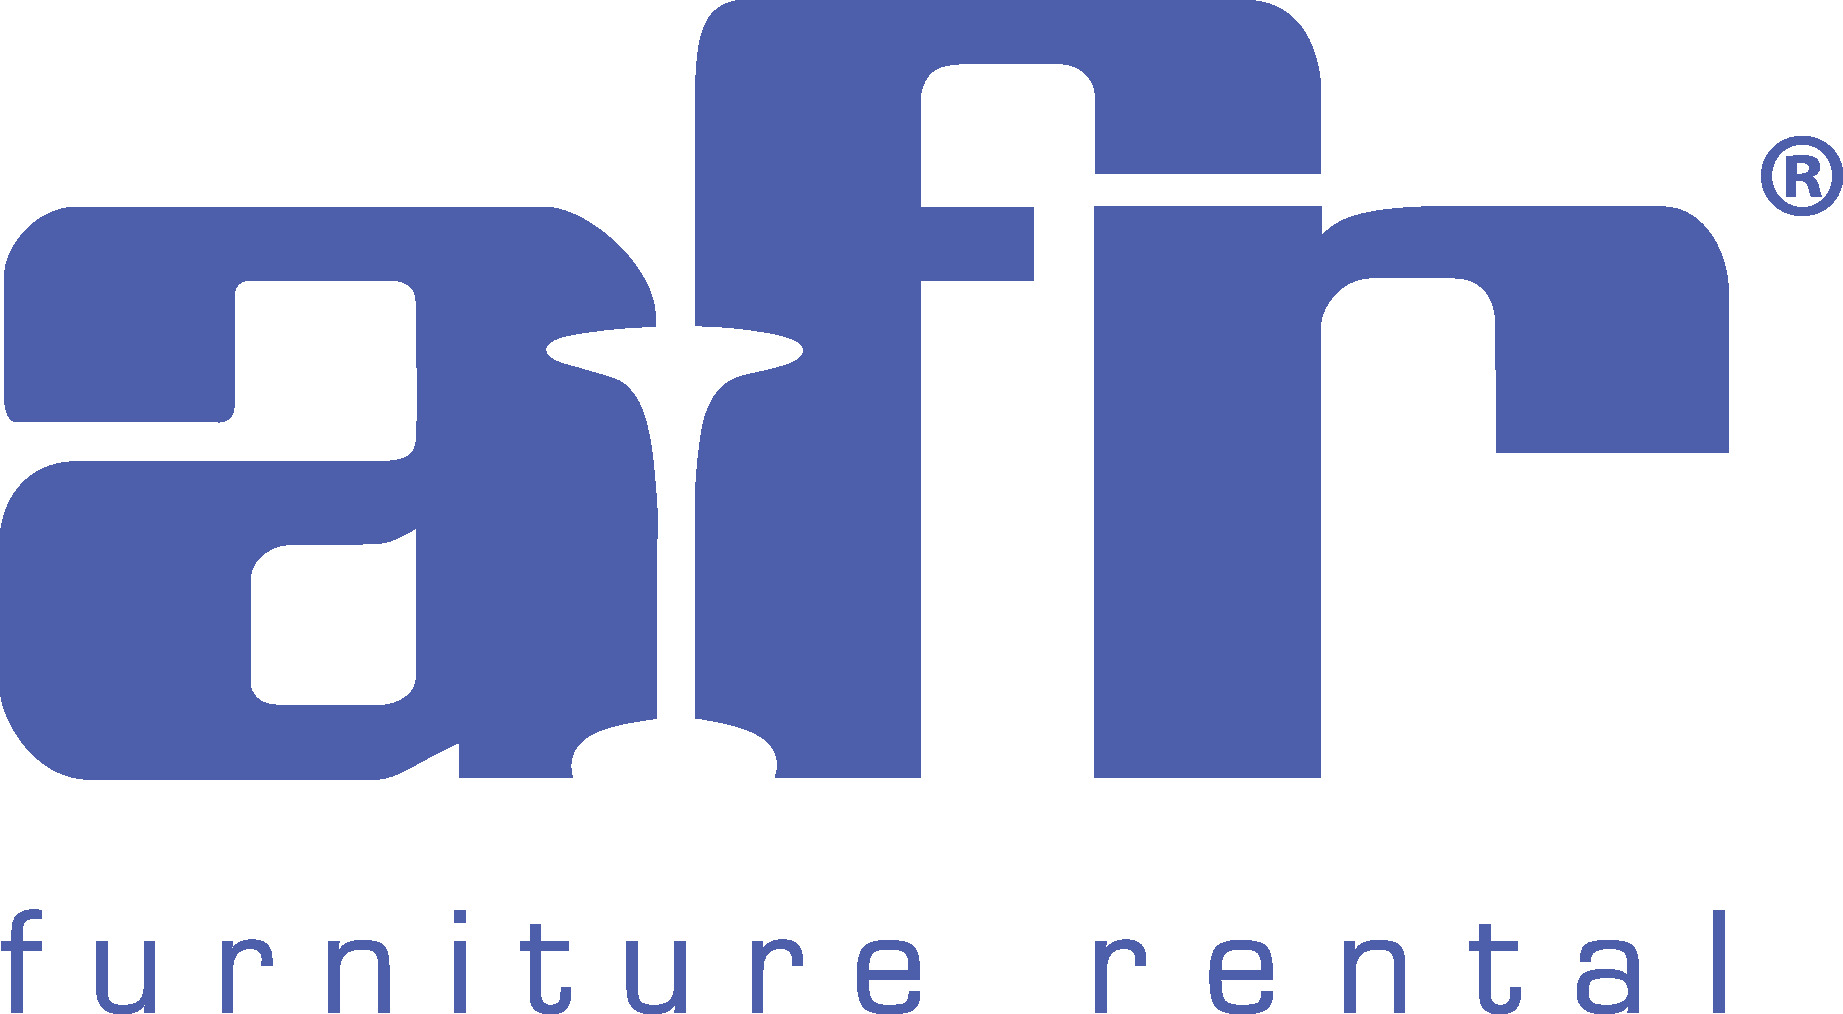 AFR_FurnitureRental_Master_Logo_HiRes.jpg